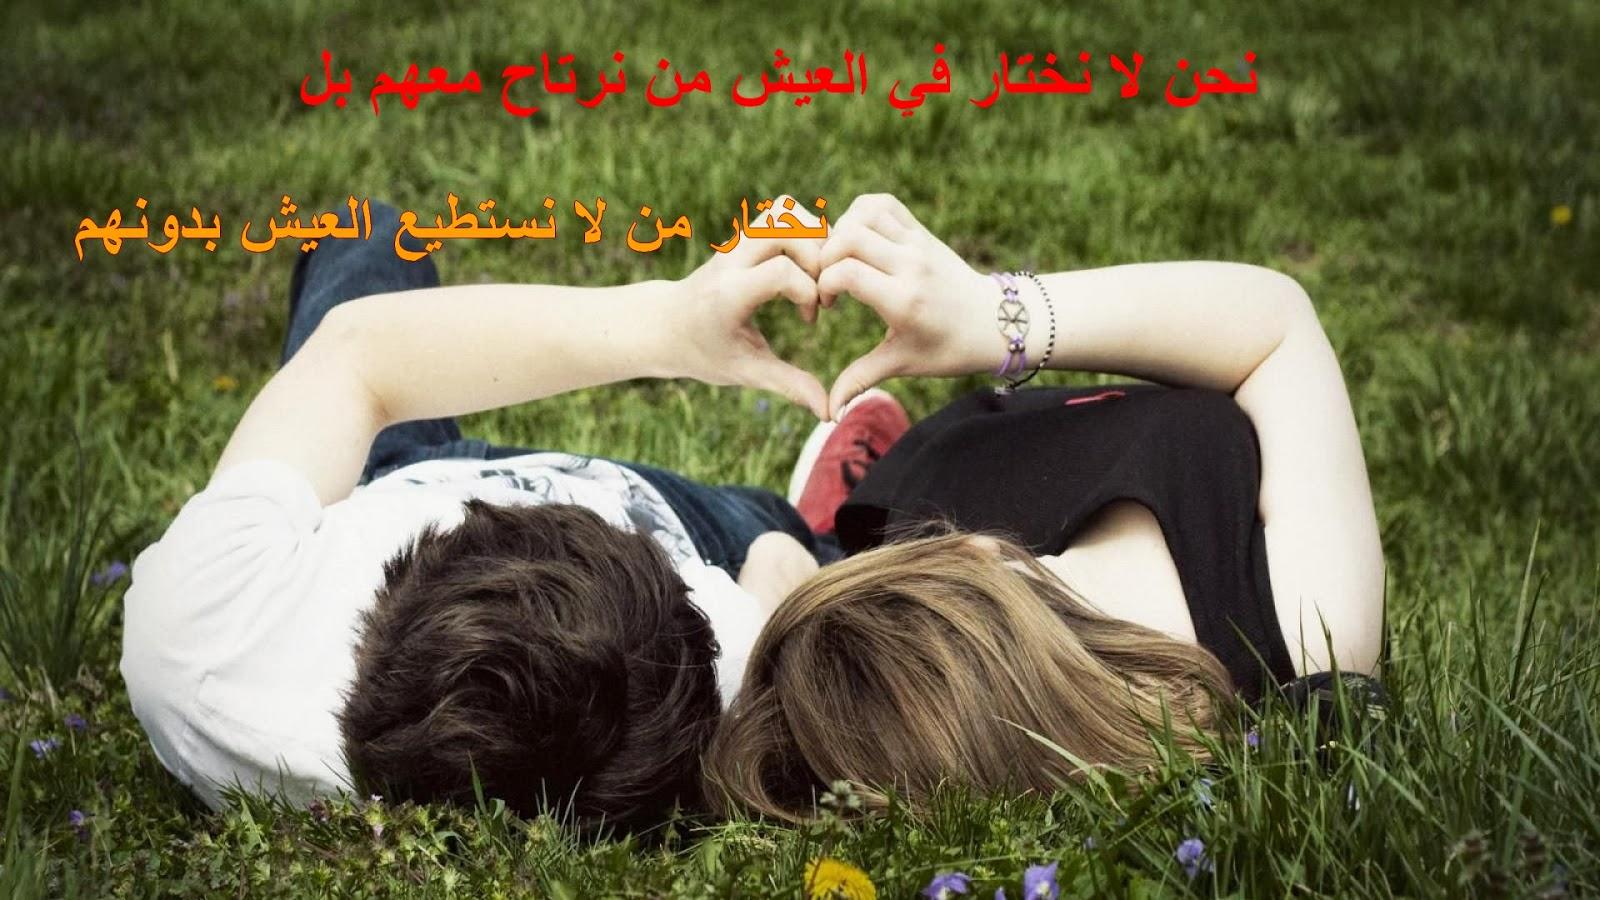 بالصور كلام حب ورومانسية , شاهد بالصور اجمل العبارات التى تقال فى الحب 409 19